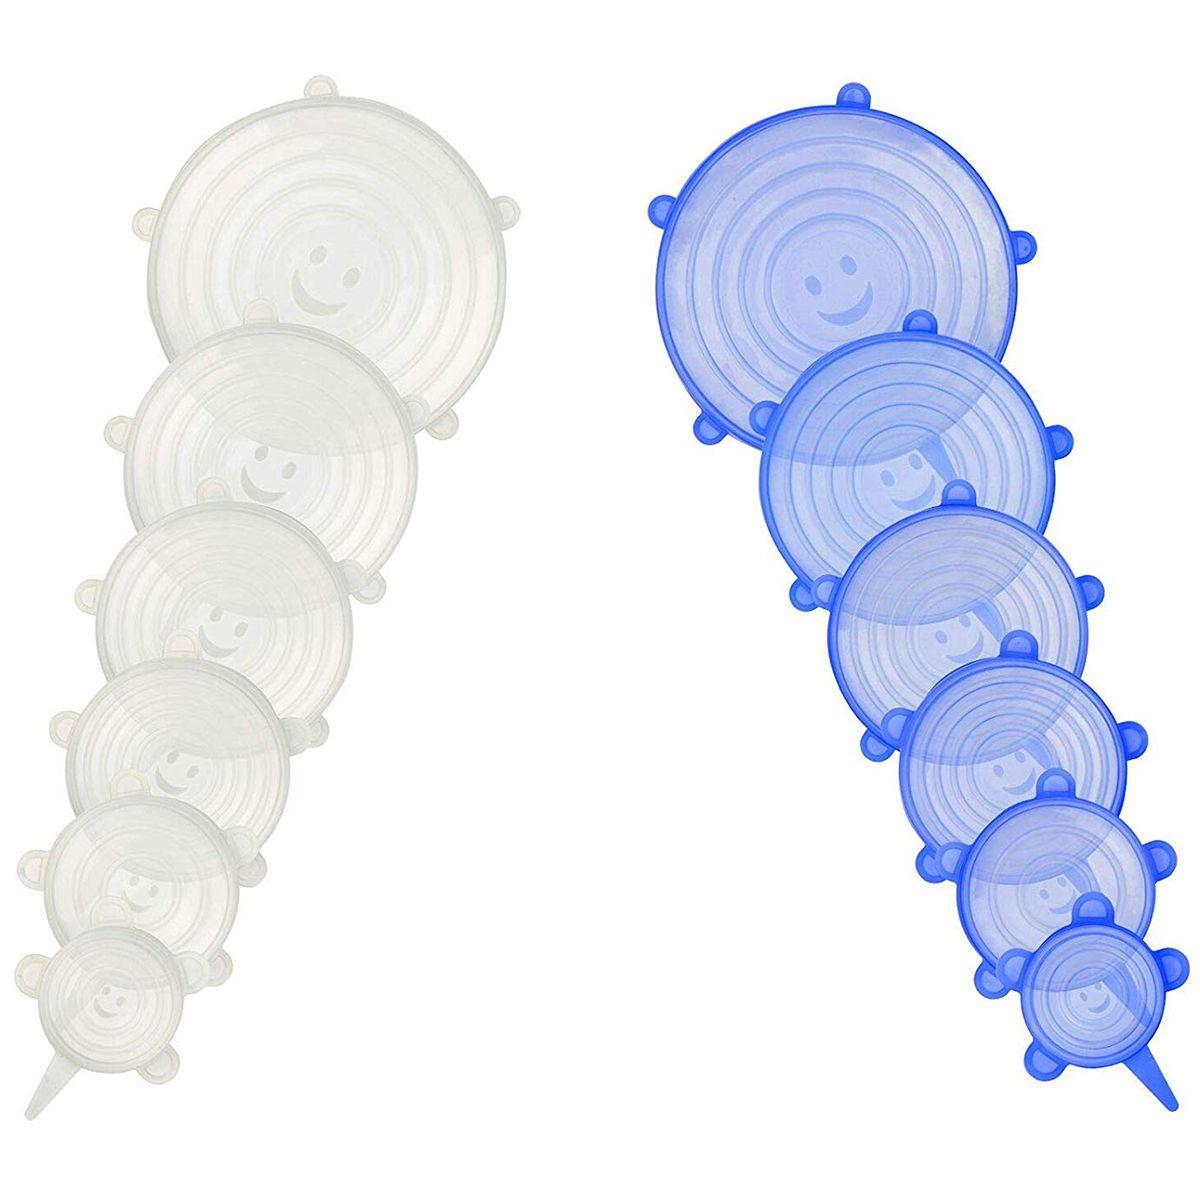 12 pièces Couvercles Extensibles en Silicone de Différentes Tailles de Stockage De Nourriture De Couvercle Économiseur Couvre Wrap pour Bols, Plats, Pots, Tasses et Conteneurs